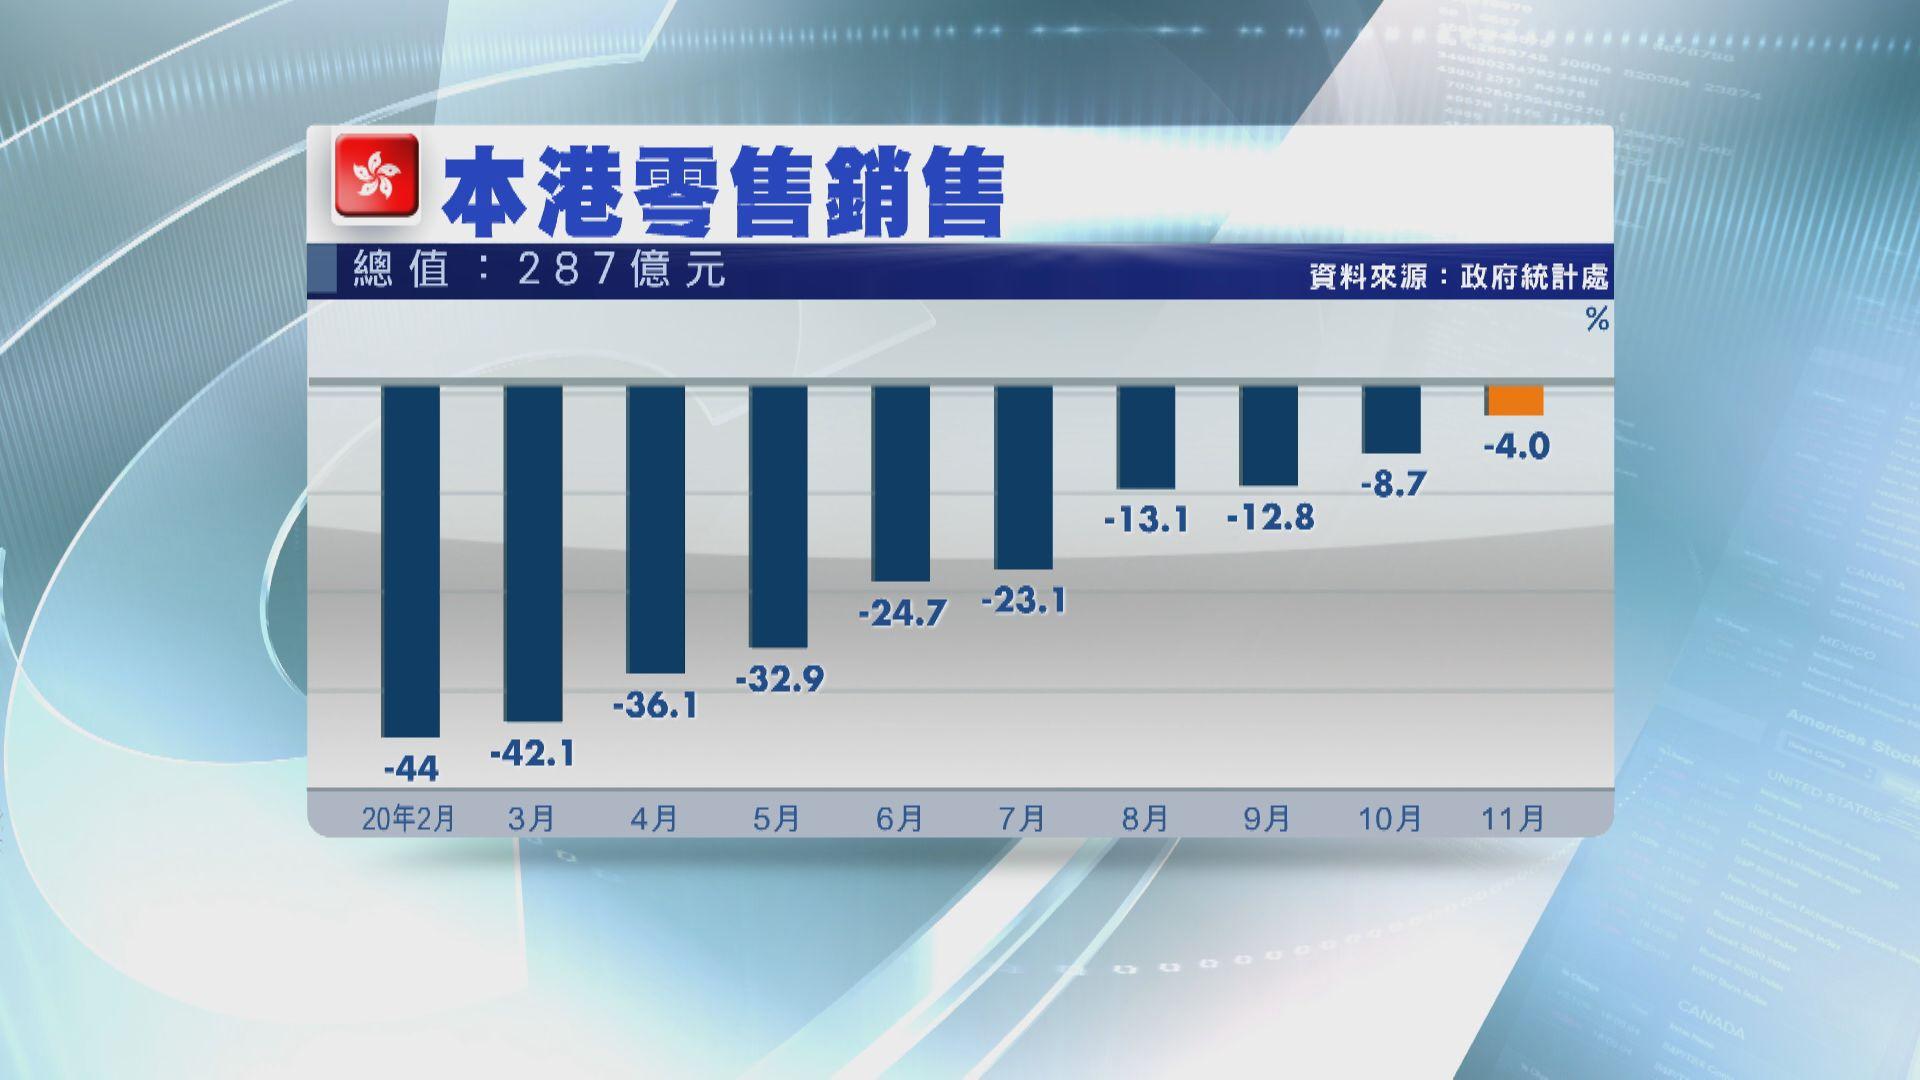 本港去年11月零售銷售跌4%